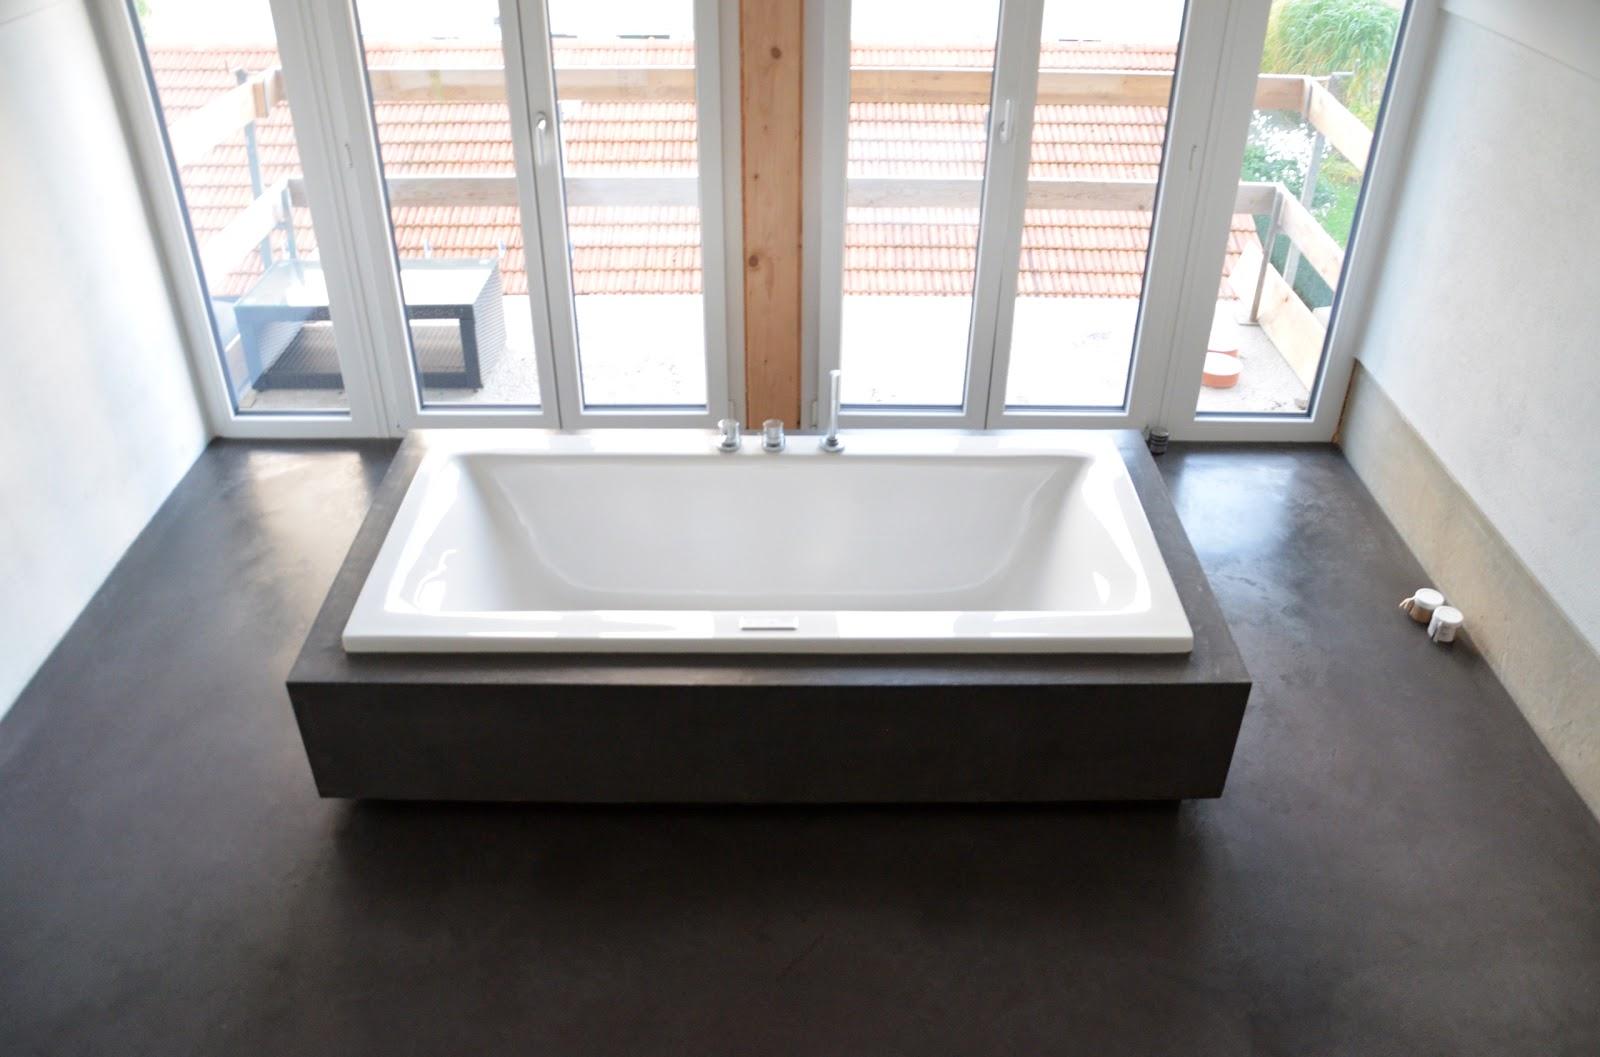 beton cire oberfl chen in beton look wannenverkleidung mit beton cire. Black Bedroom Furniture Sets. Home Design Ideas